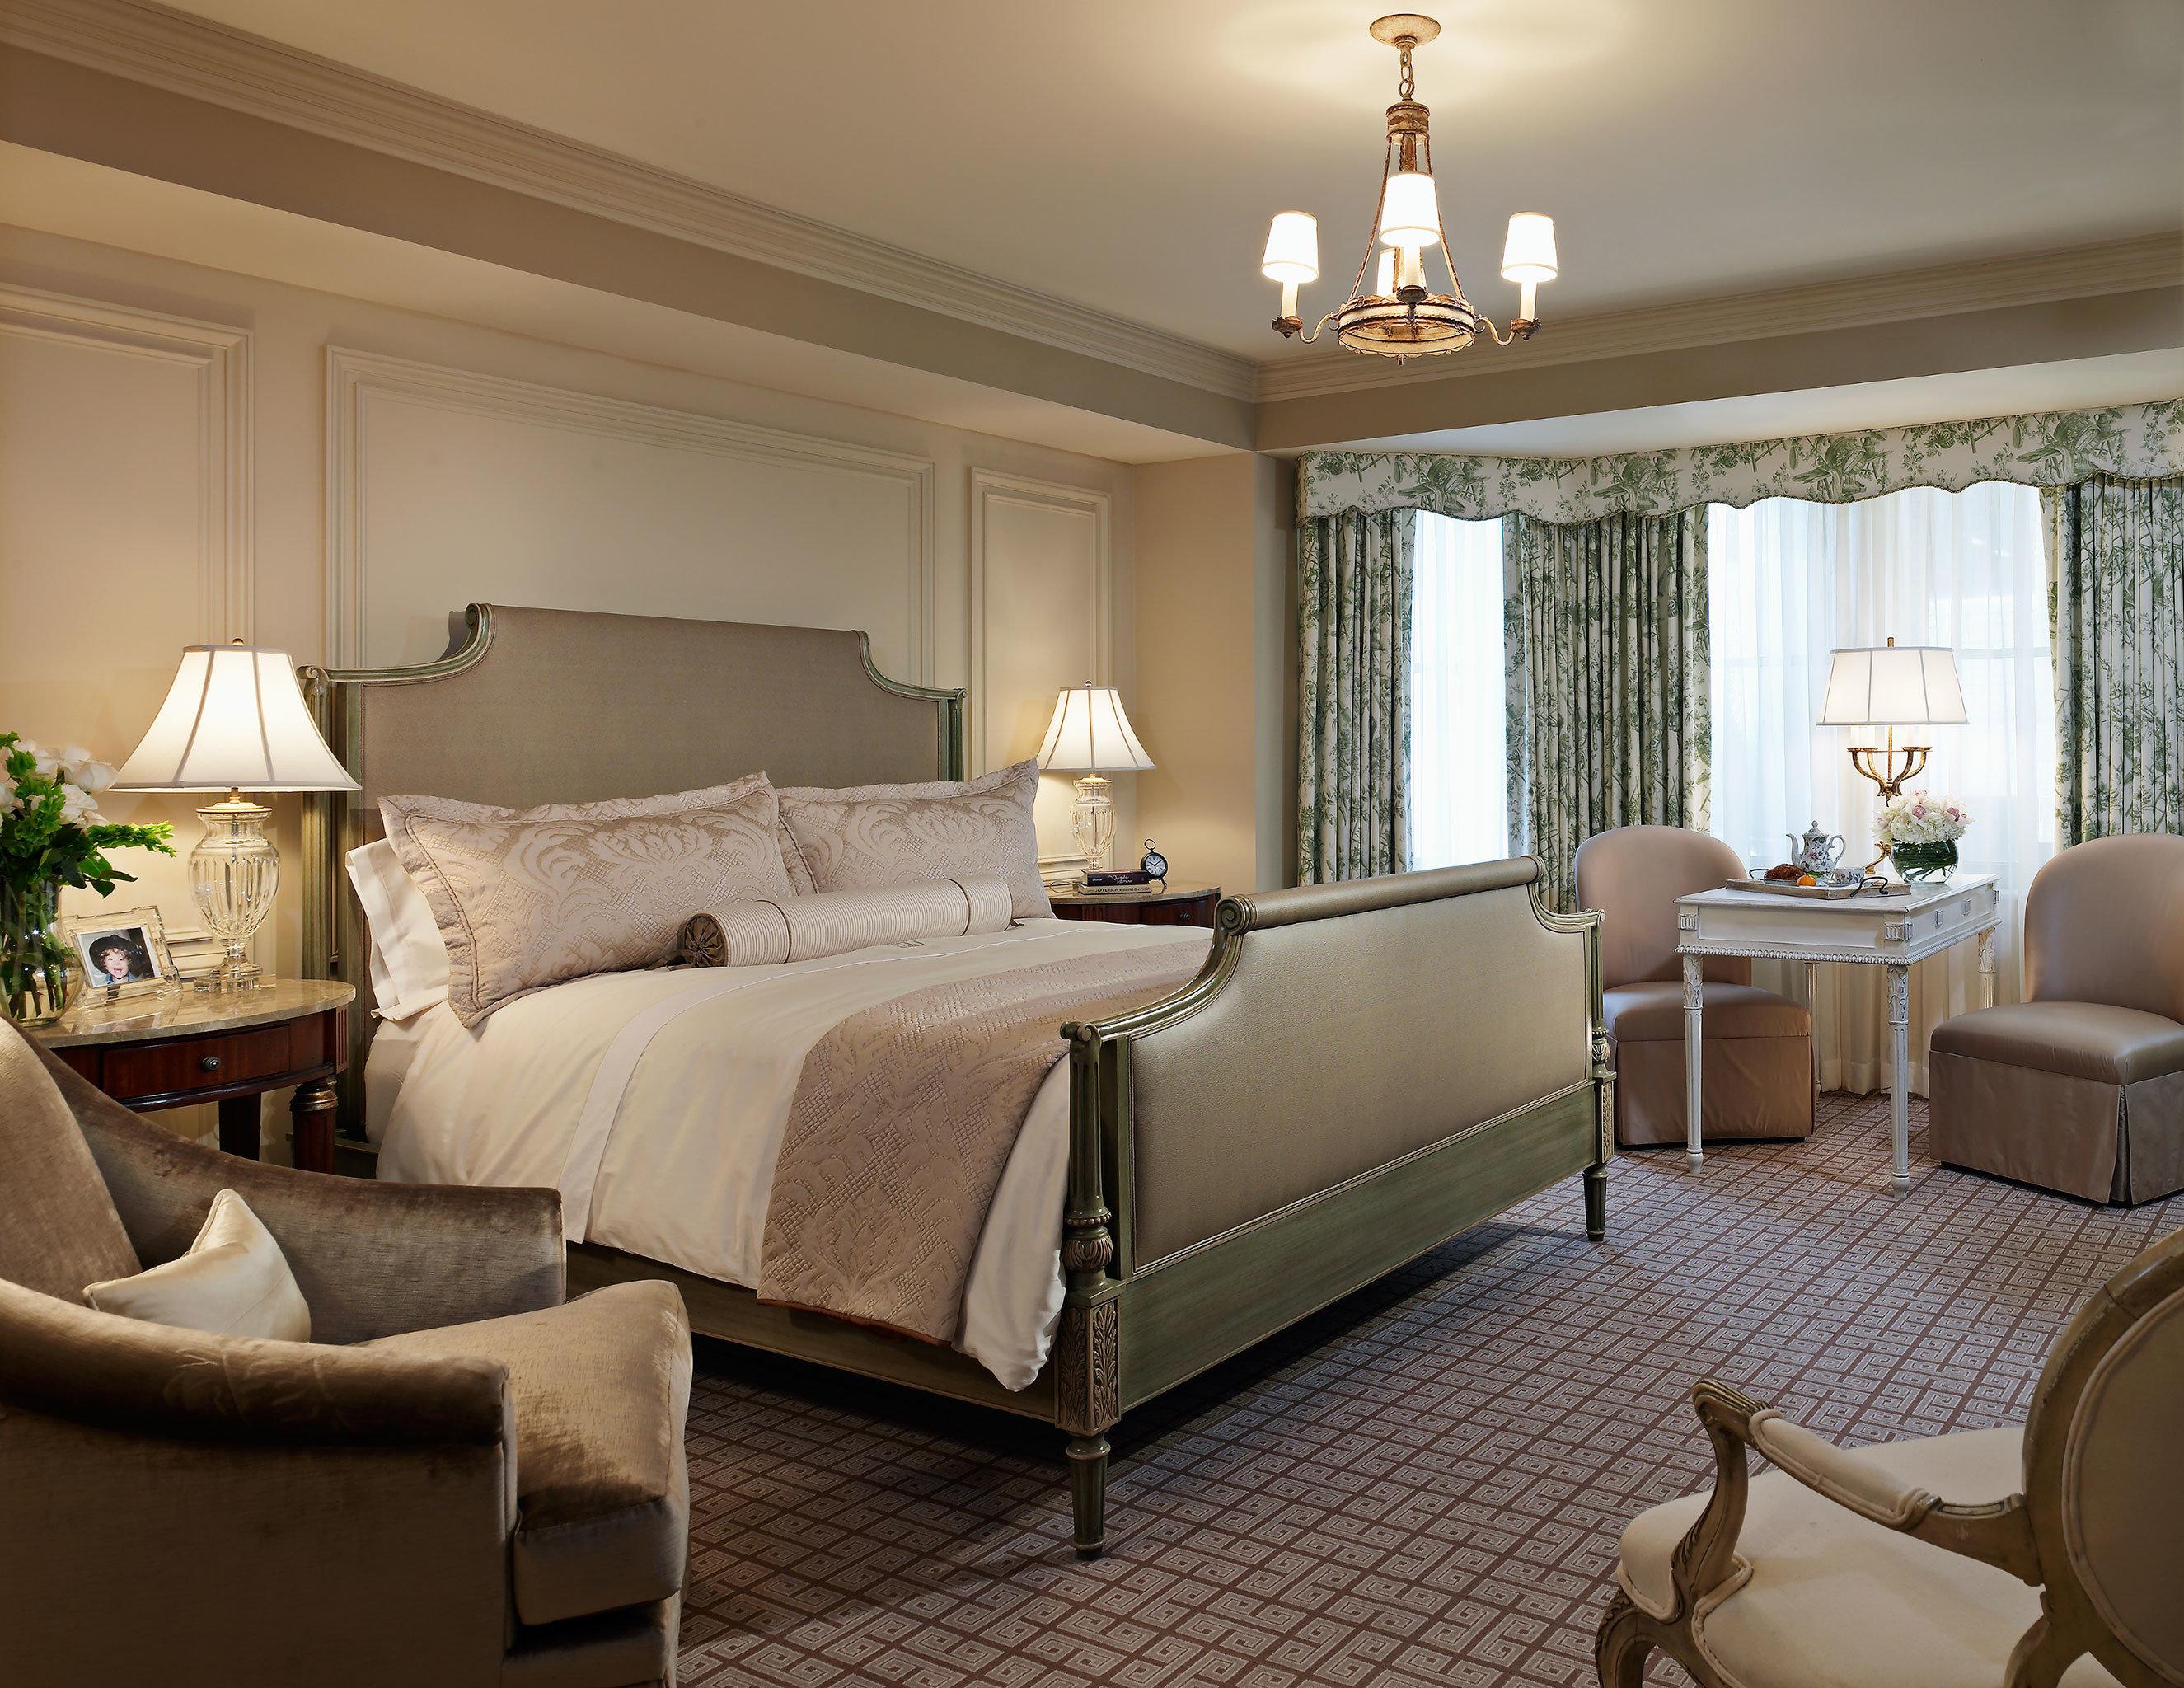 Bedroom Boutique Hotels Elegant Hotels Luxury Suite sofa property living room home hardwood cottage